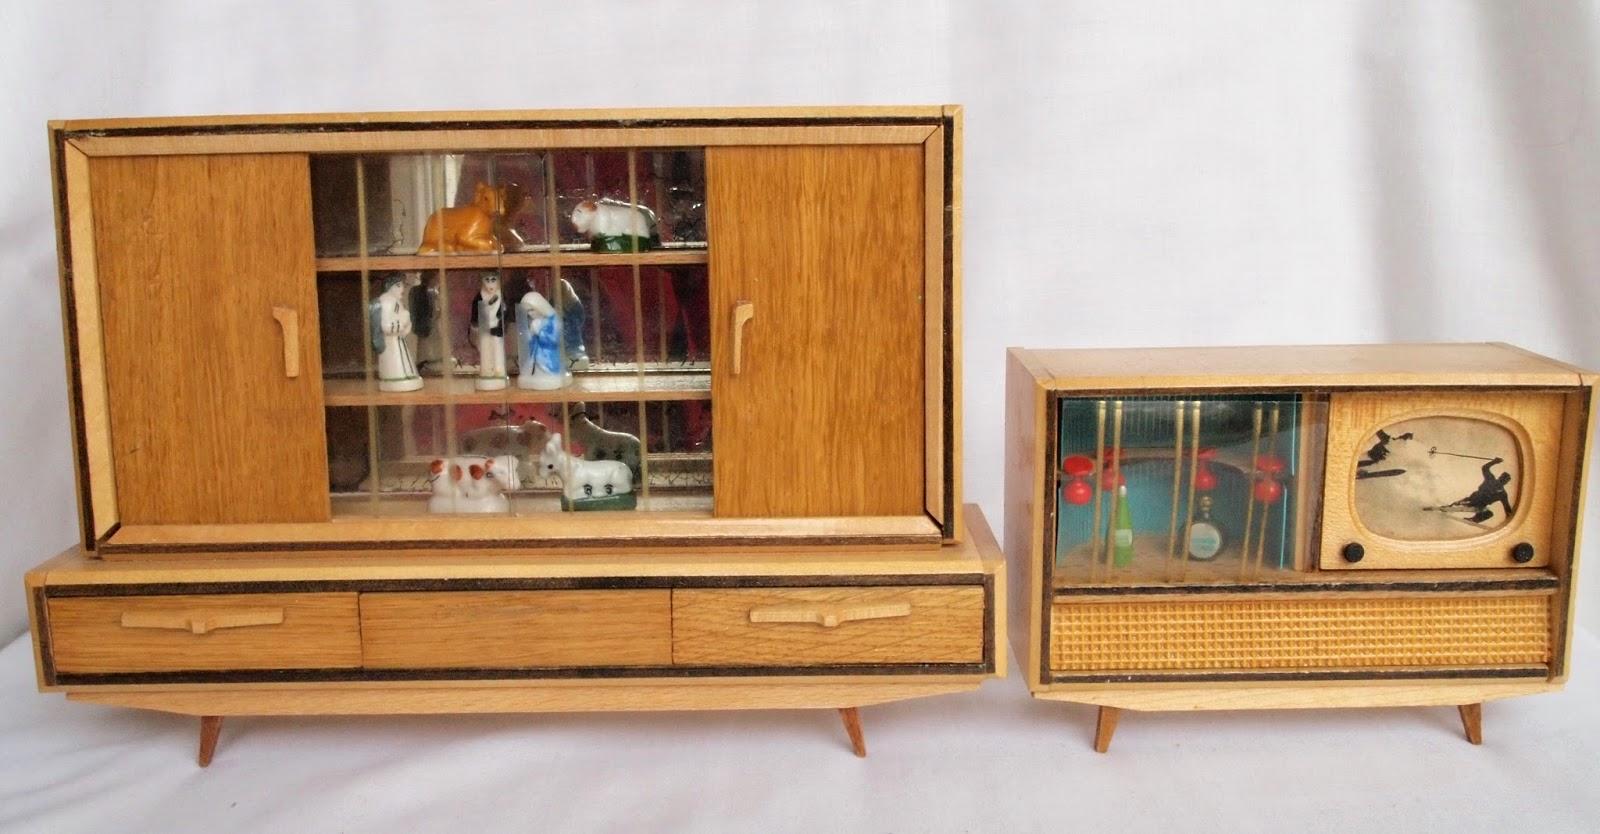 Diepuppenstubensammlerin Wohnzimmer Der Sechziger Wichtelmarke